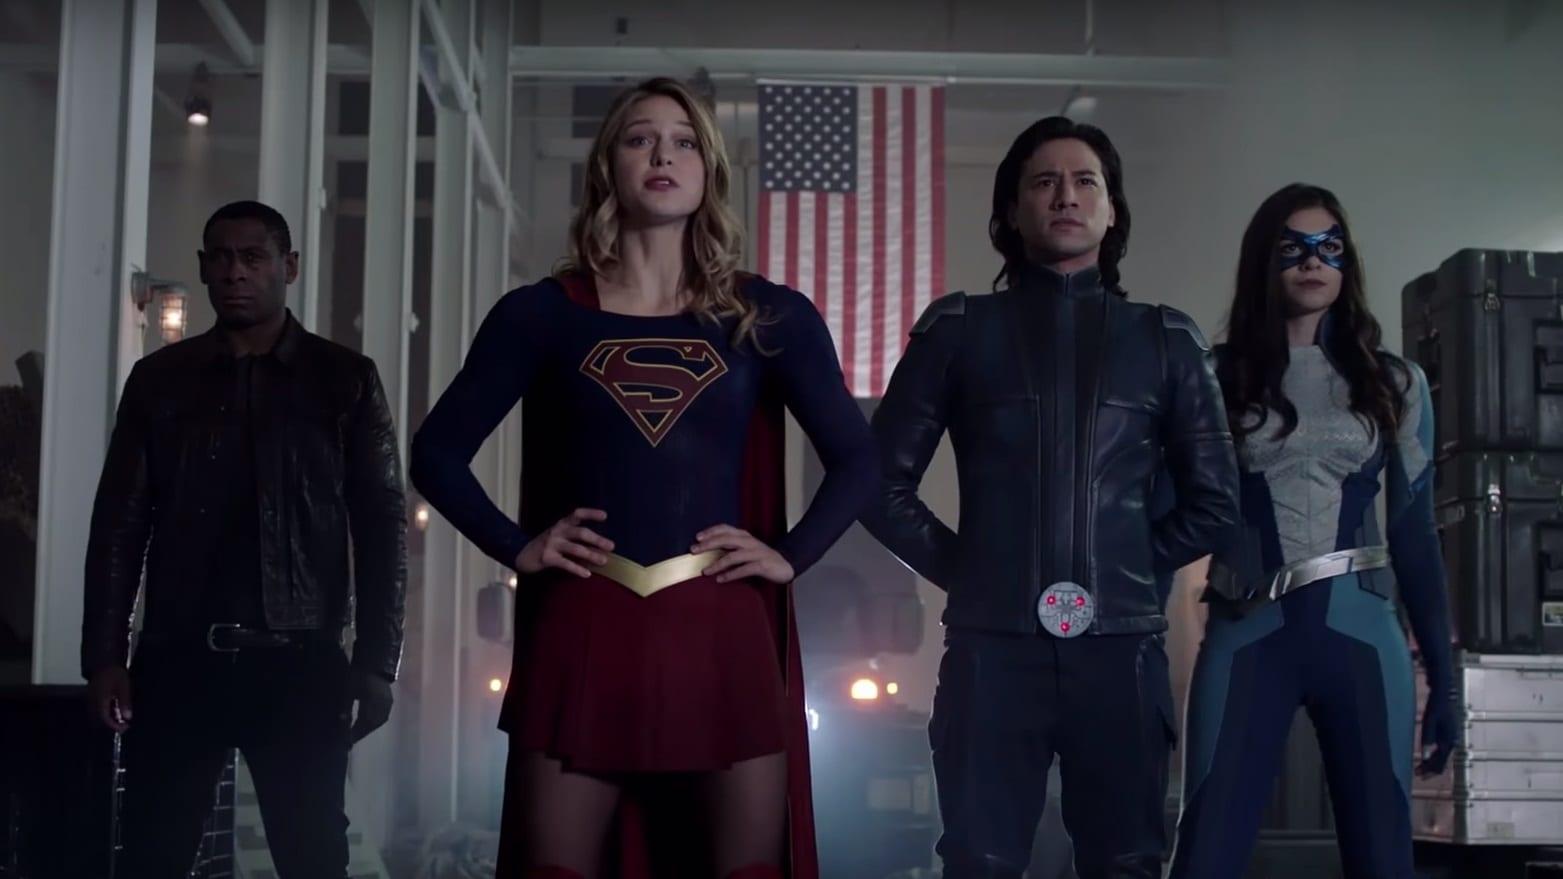 Supergirl vs The Elite in promo for Supergirl Season 4